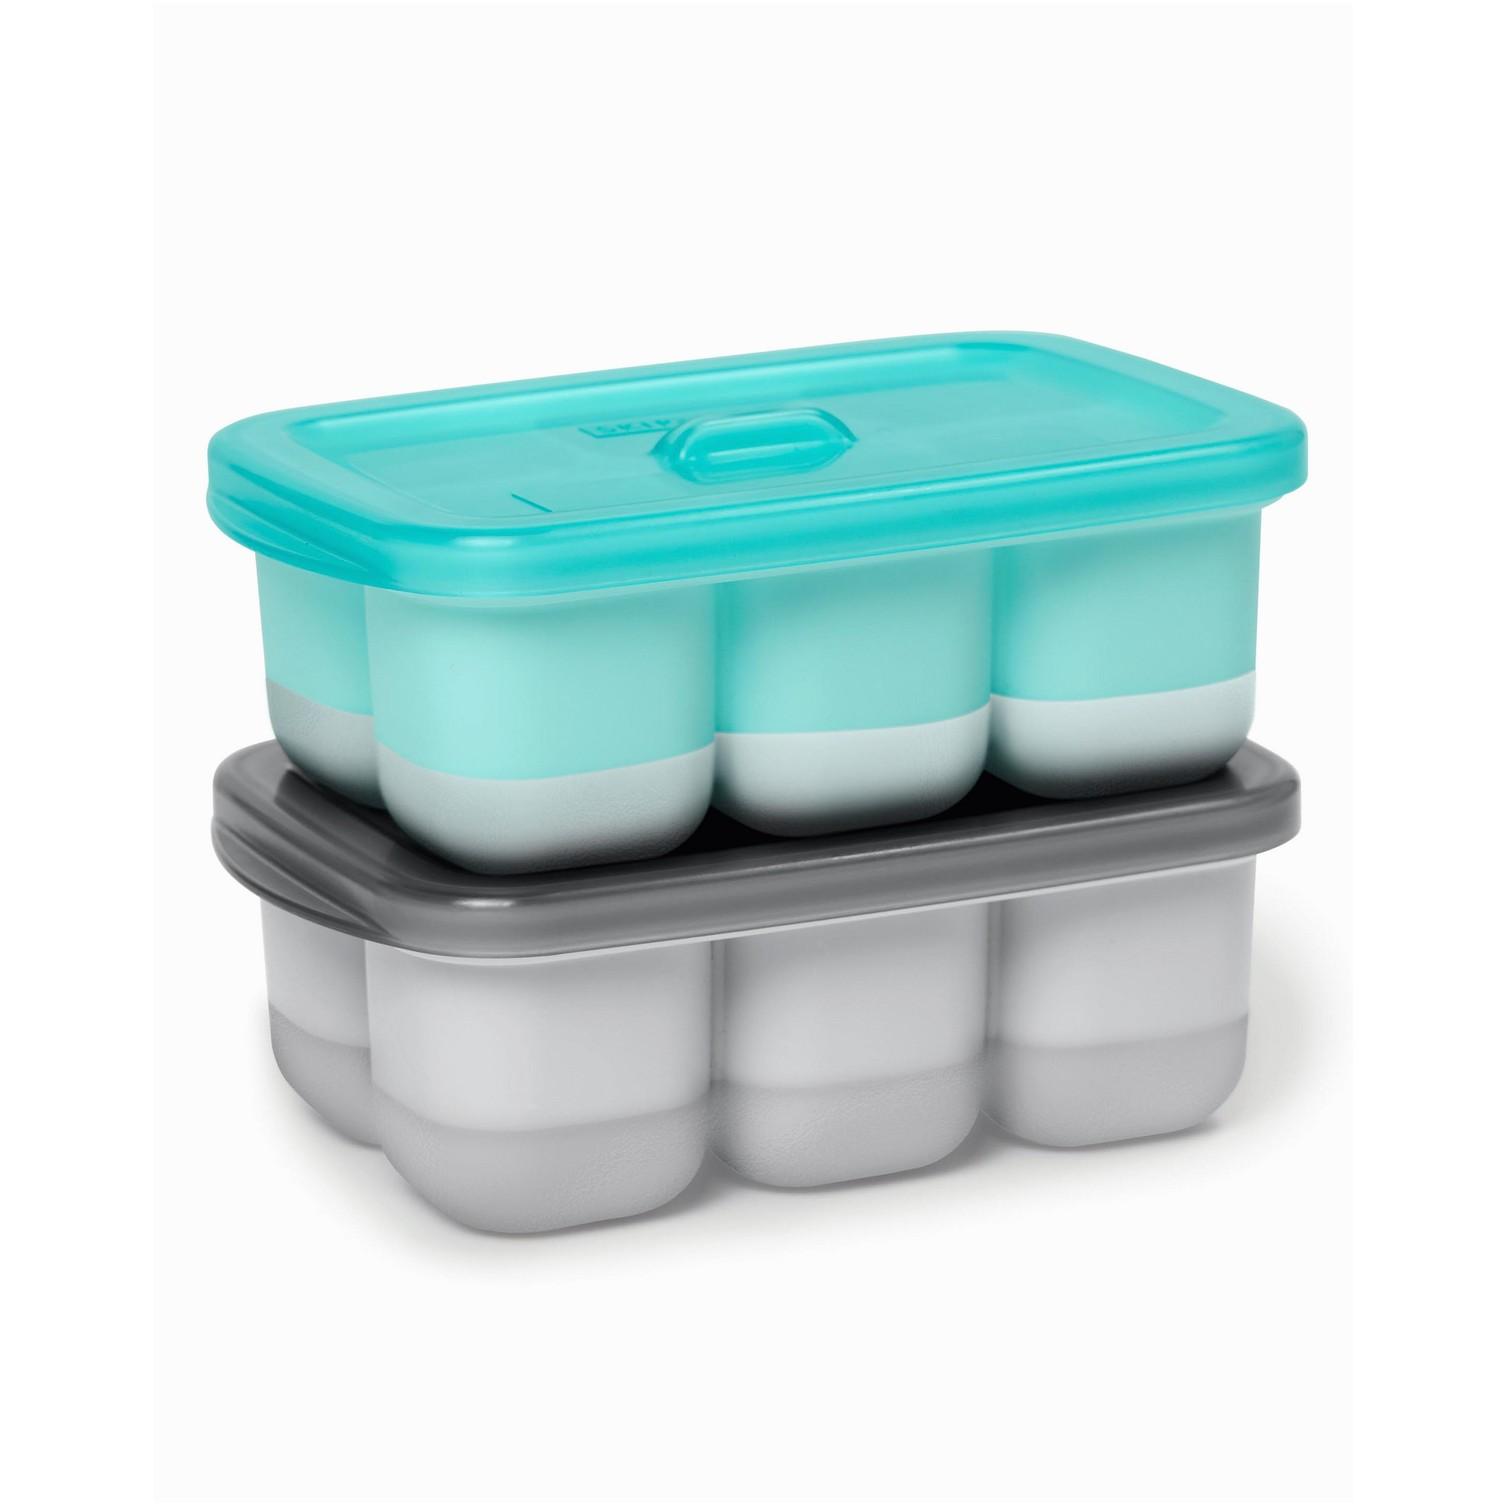 Skiphop | Skip Hop Easy-Fill Freezer Trays Teal